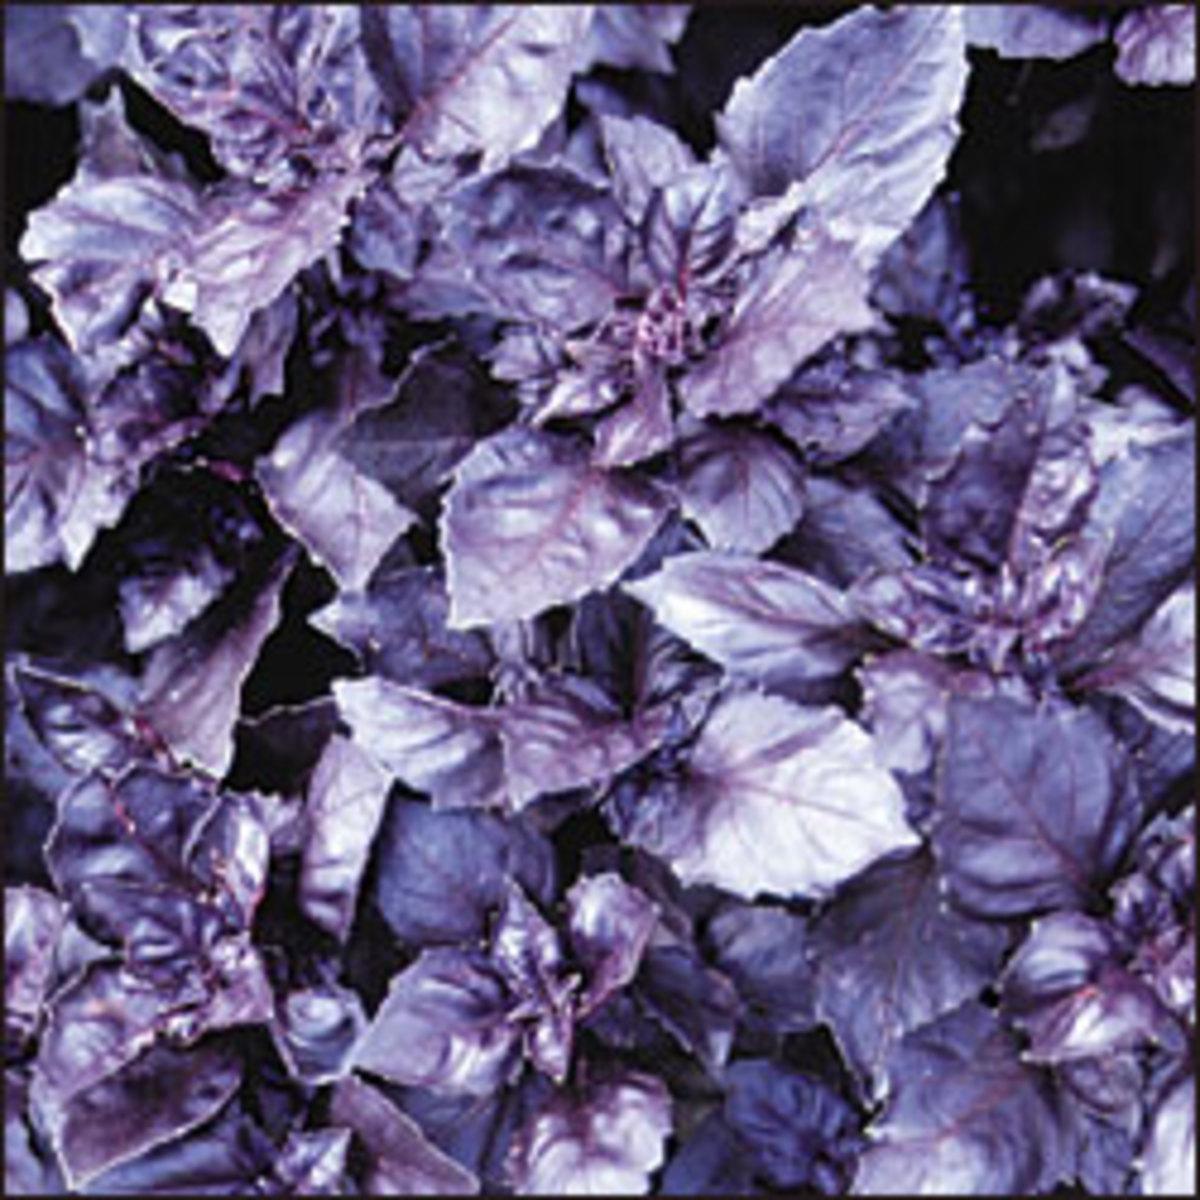 Heirloom Purple Basil Growing